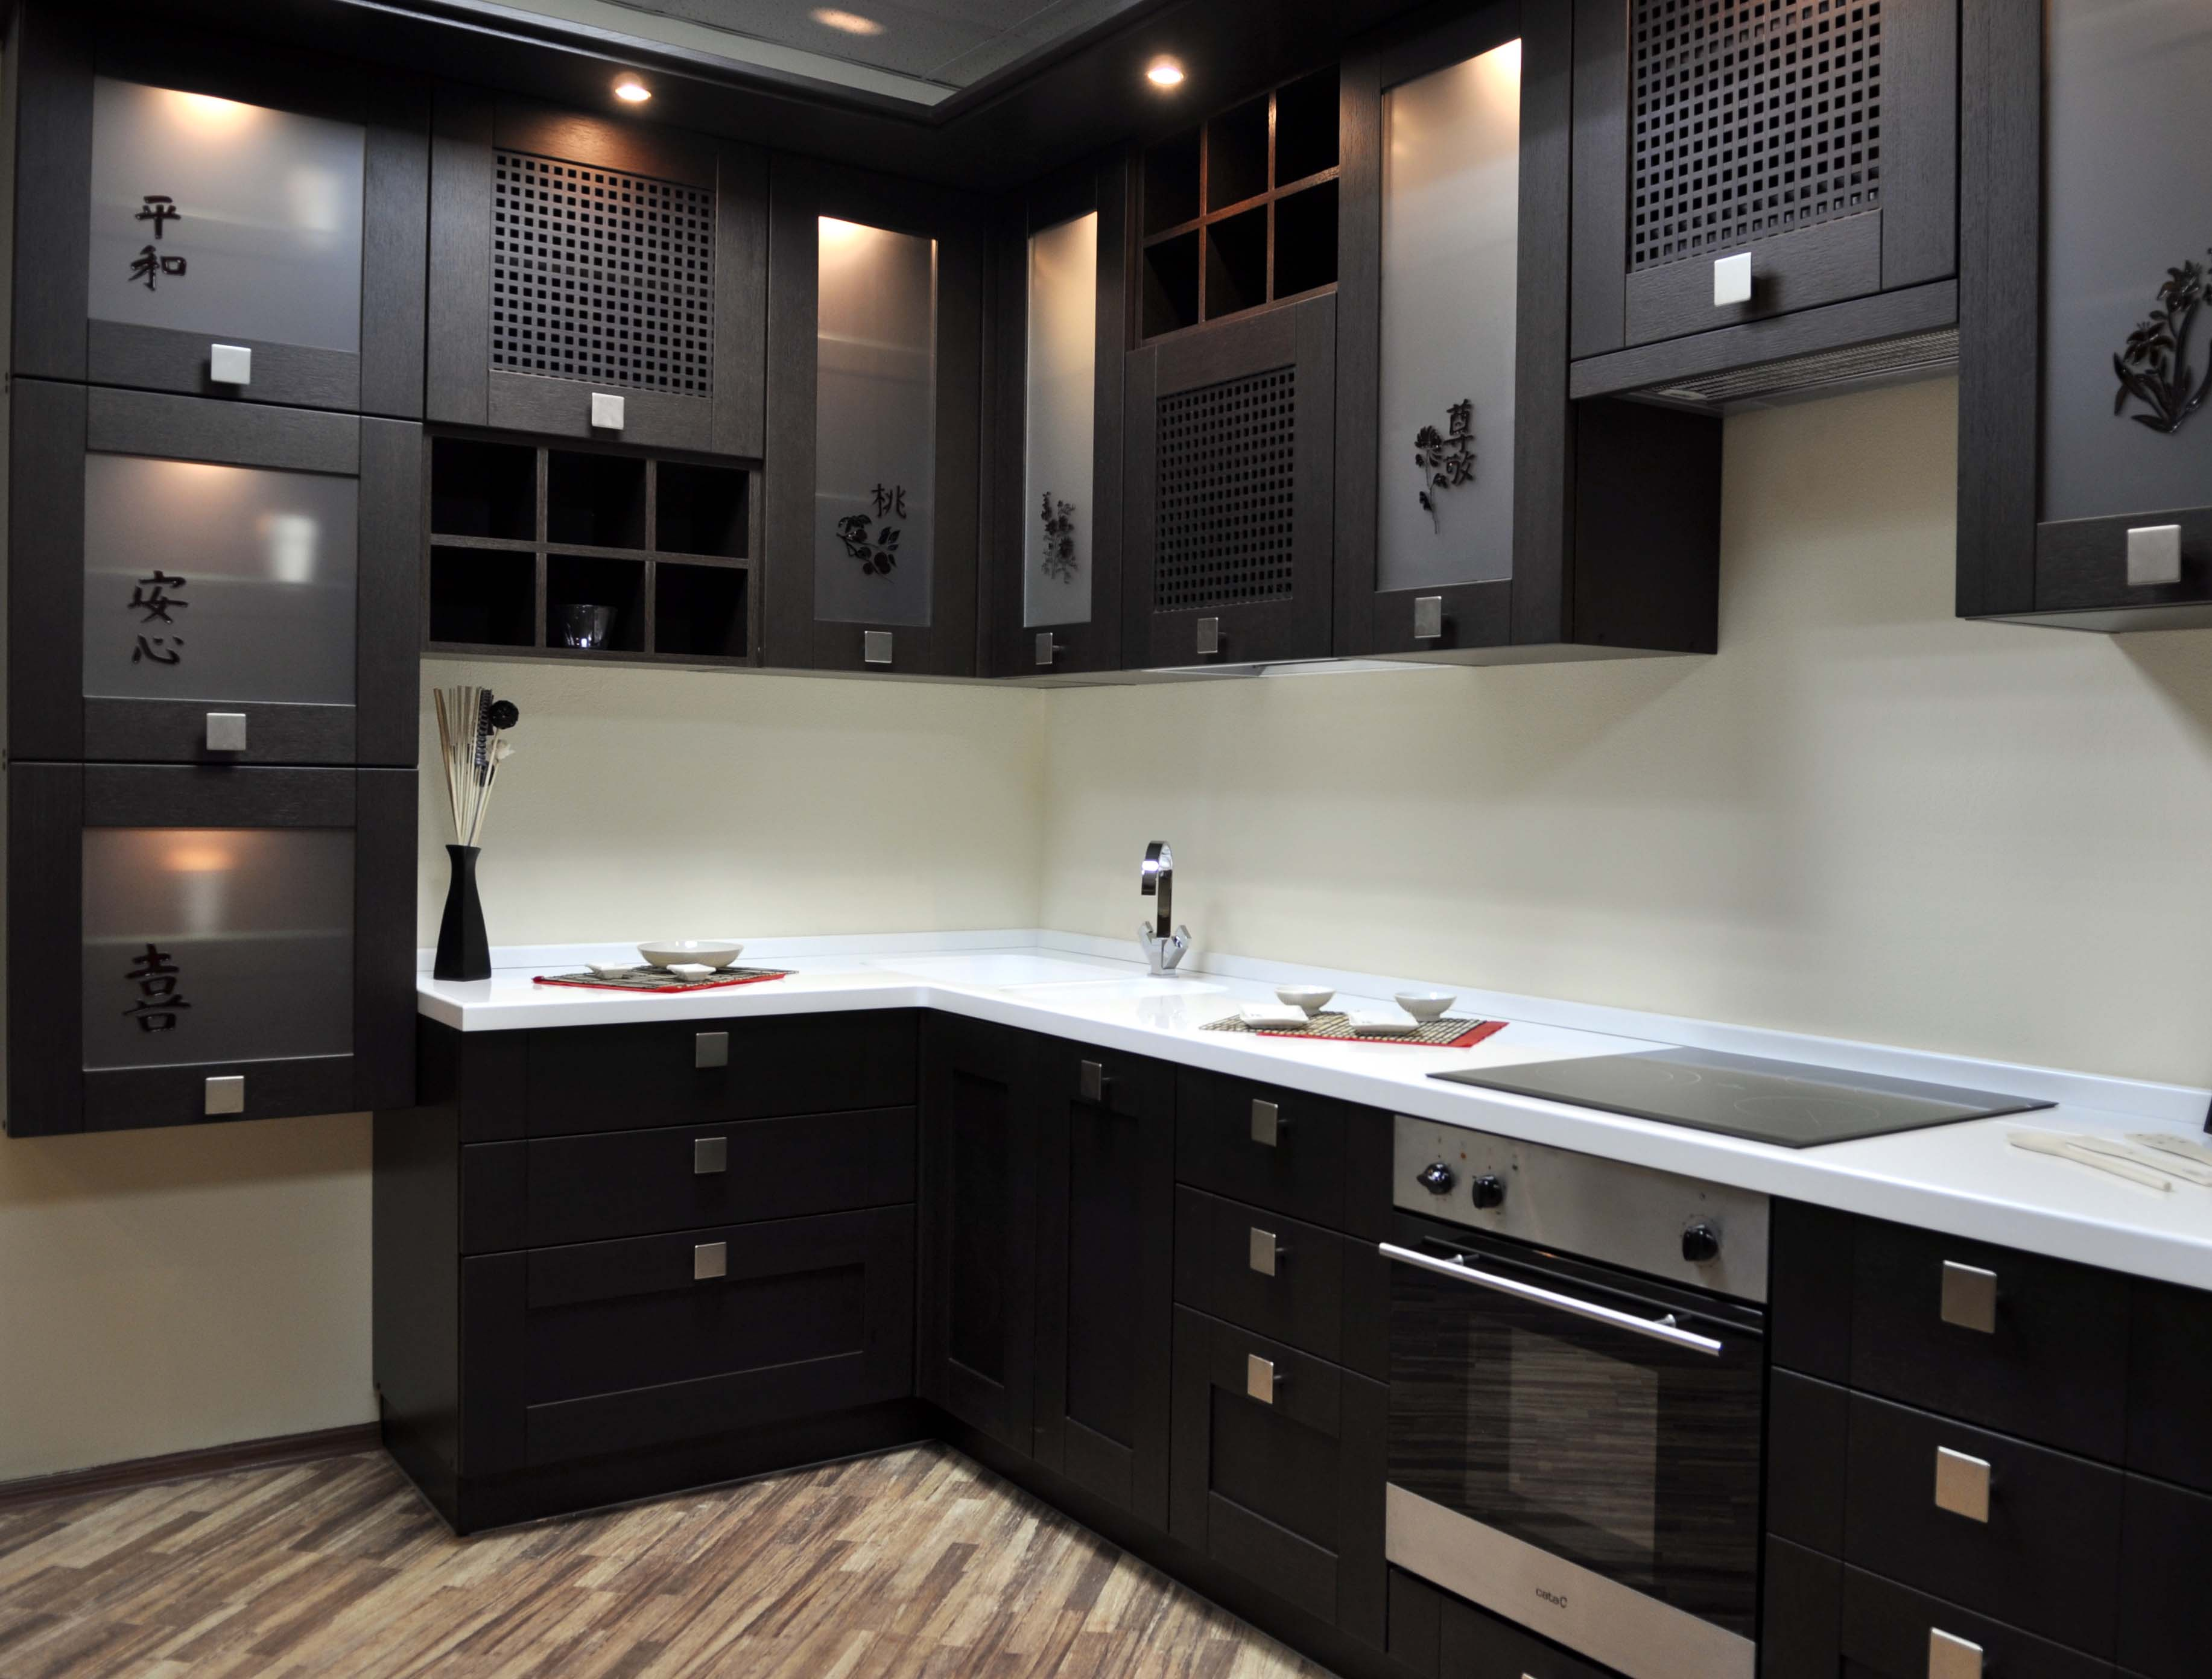 Картинки по запросу Как выбрать кухонную мебель